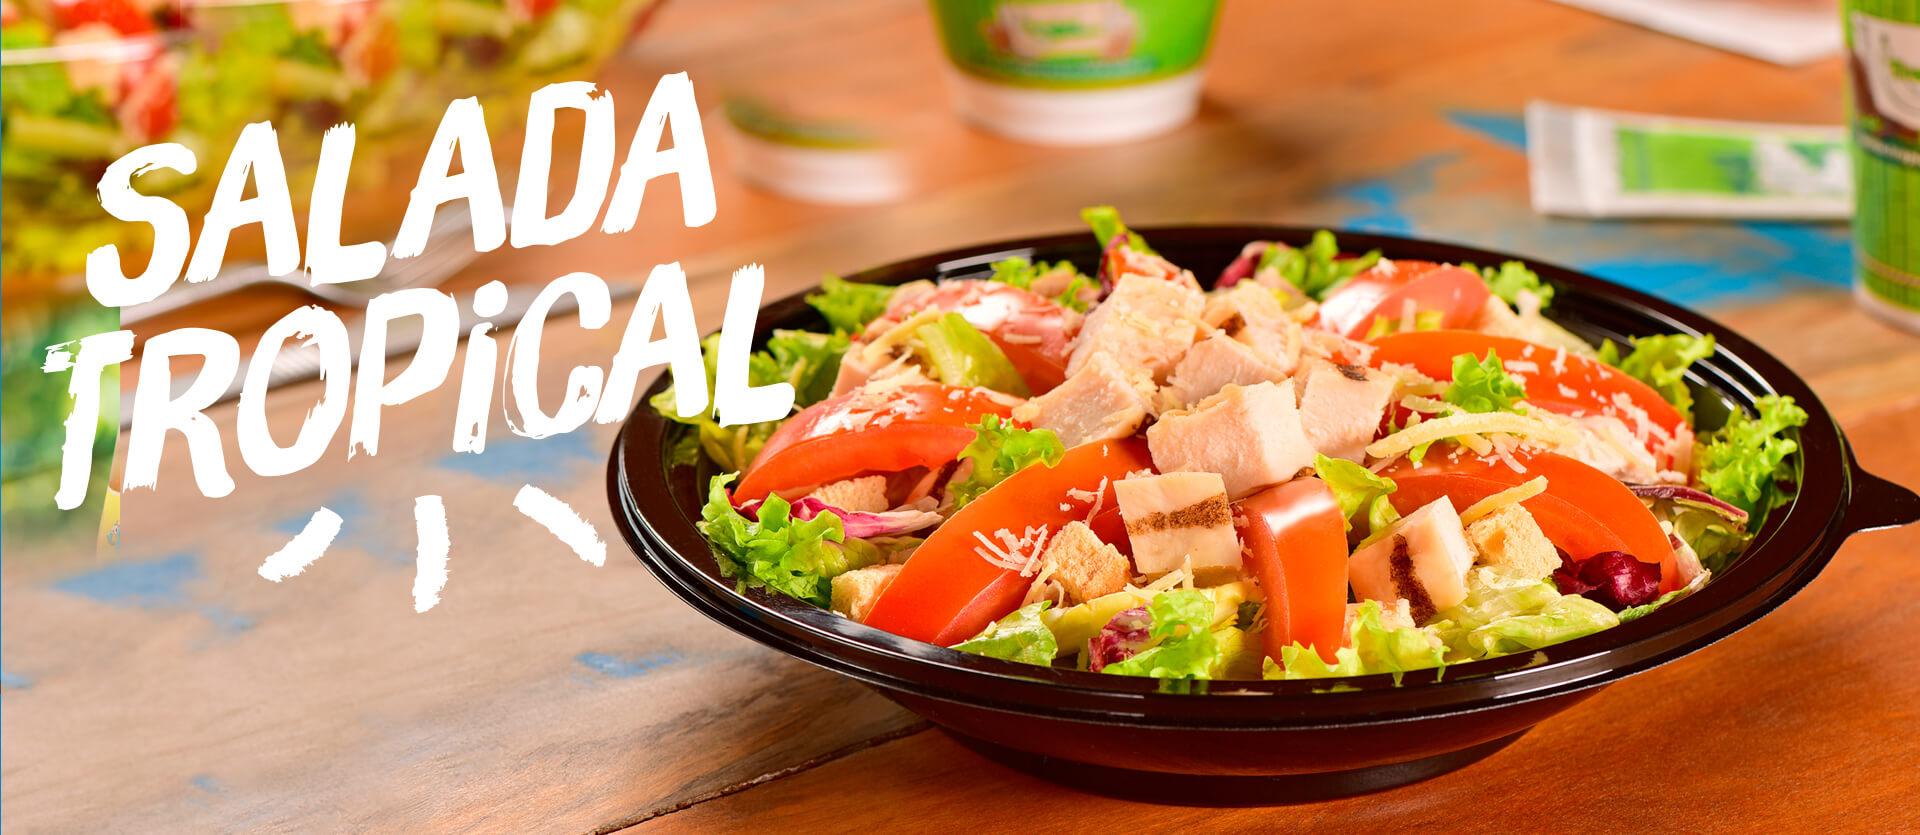 Salada-tropical-banana